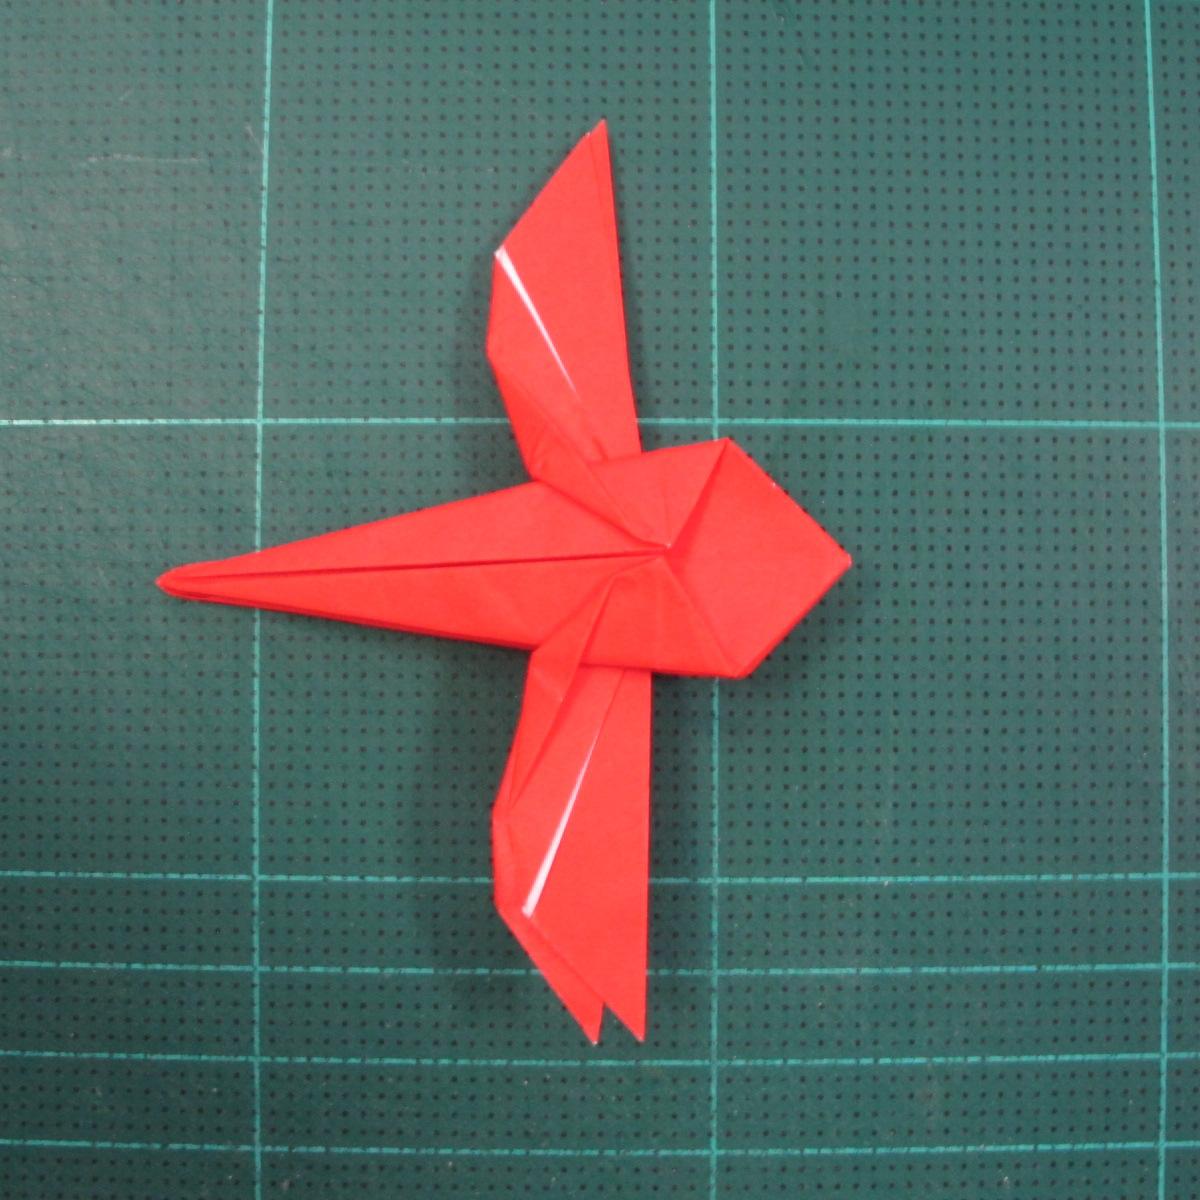 วิธีพับกระดาษเป็นรูปแมลงปอ (Origami Dragonfly) 019